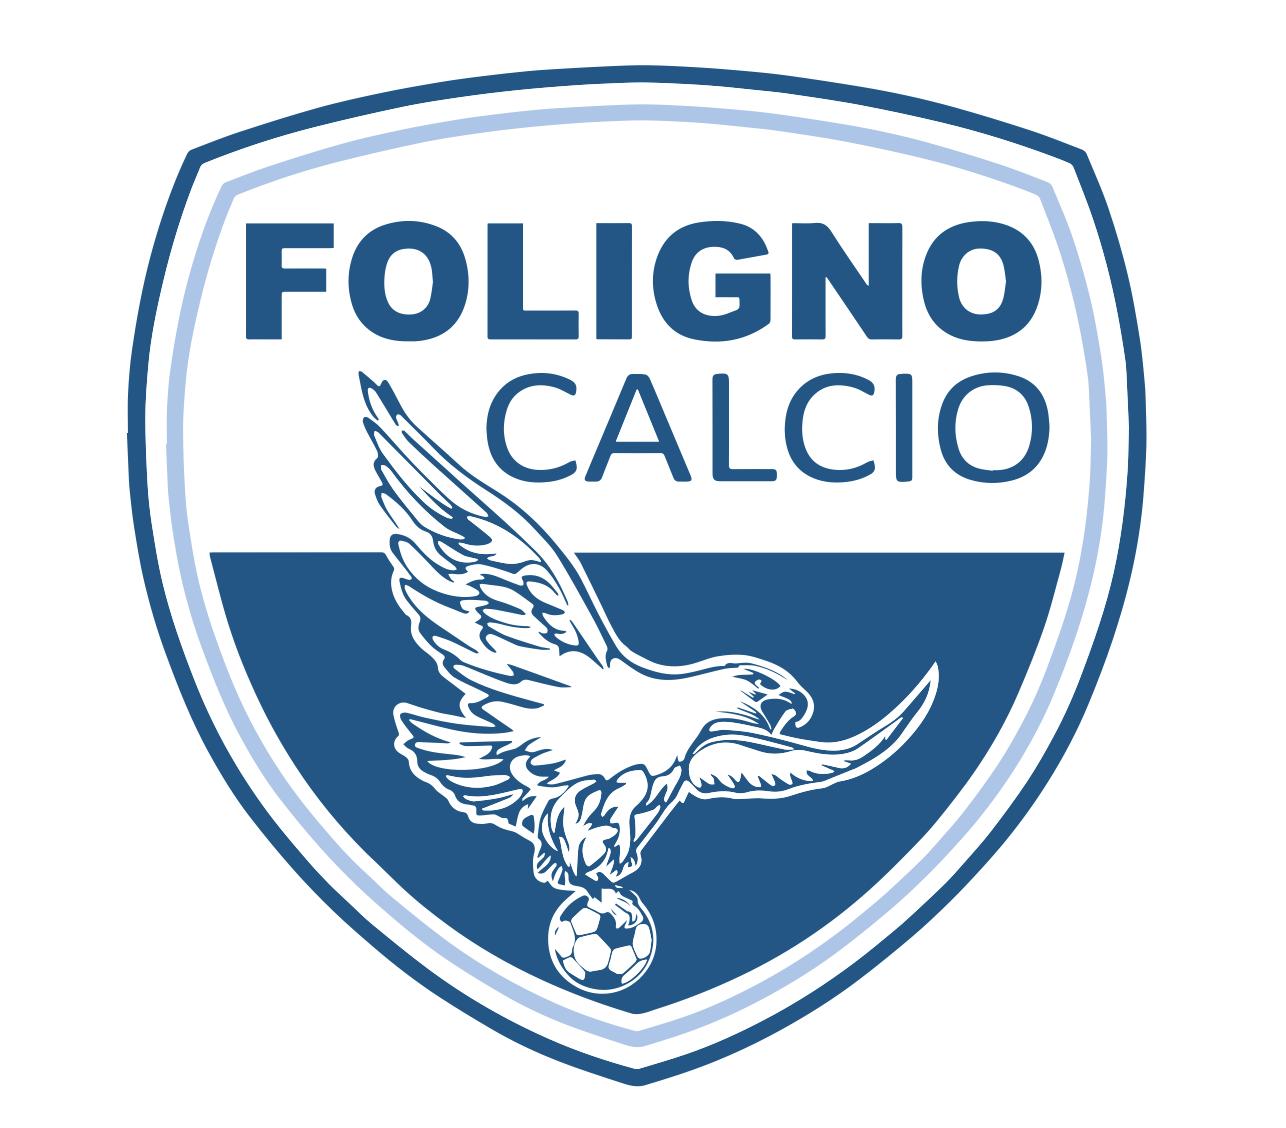 Logo Foligno Calcio